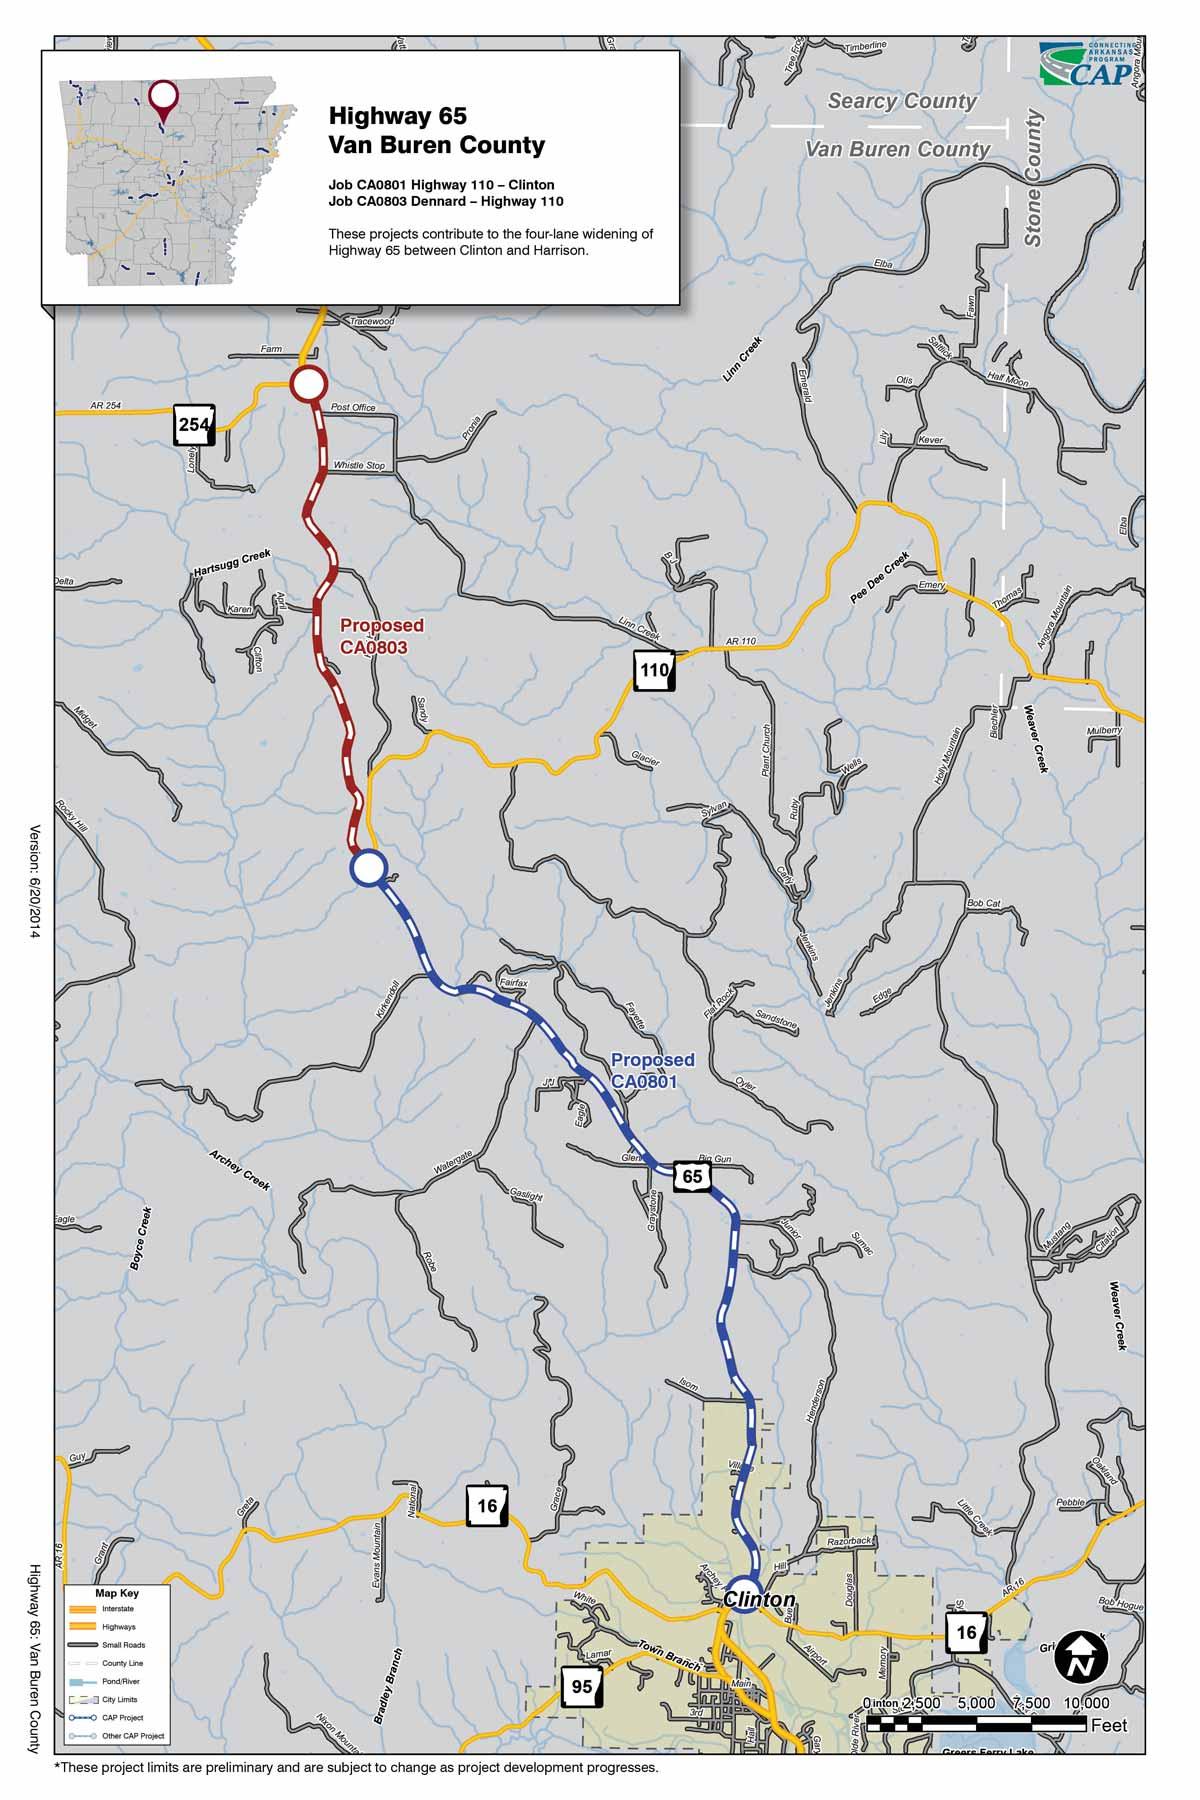 Cities Crittenden County Arkansas